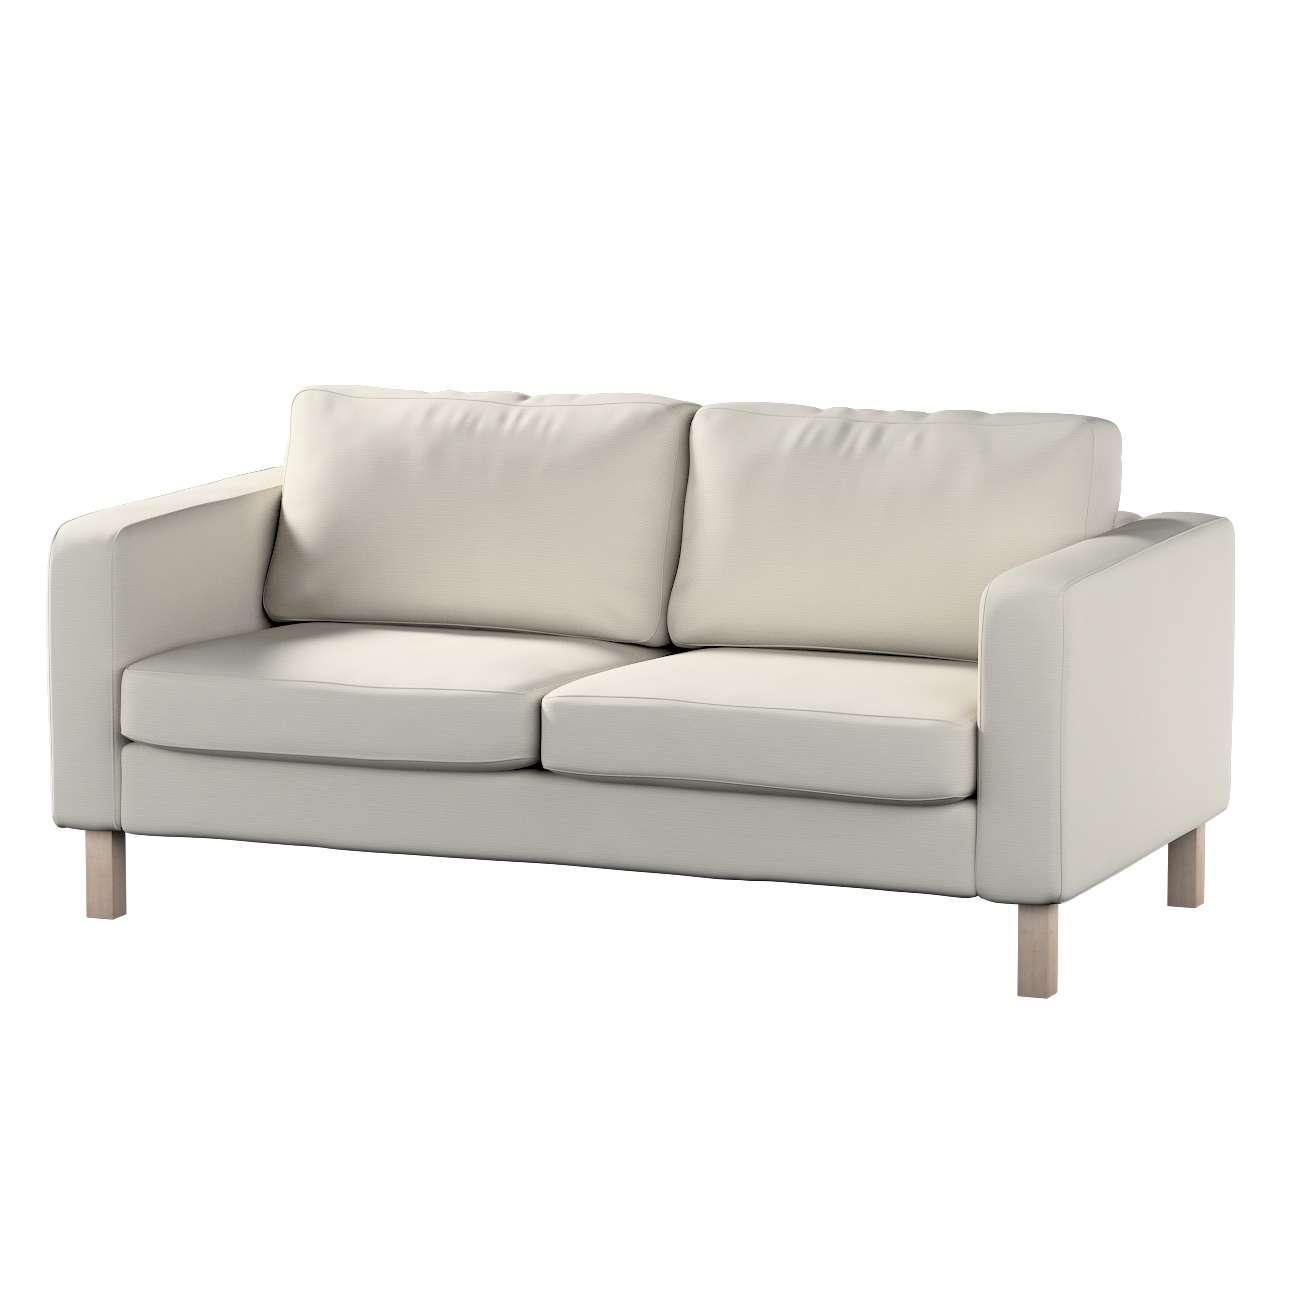 Potah na pohovku IKEA  Karlstad 2-místná, nerozkládací, krátký pohovka Karlstad 2-místná v kolekci Cotton Panama, látka: 702-31